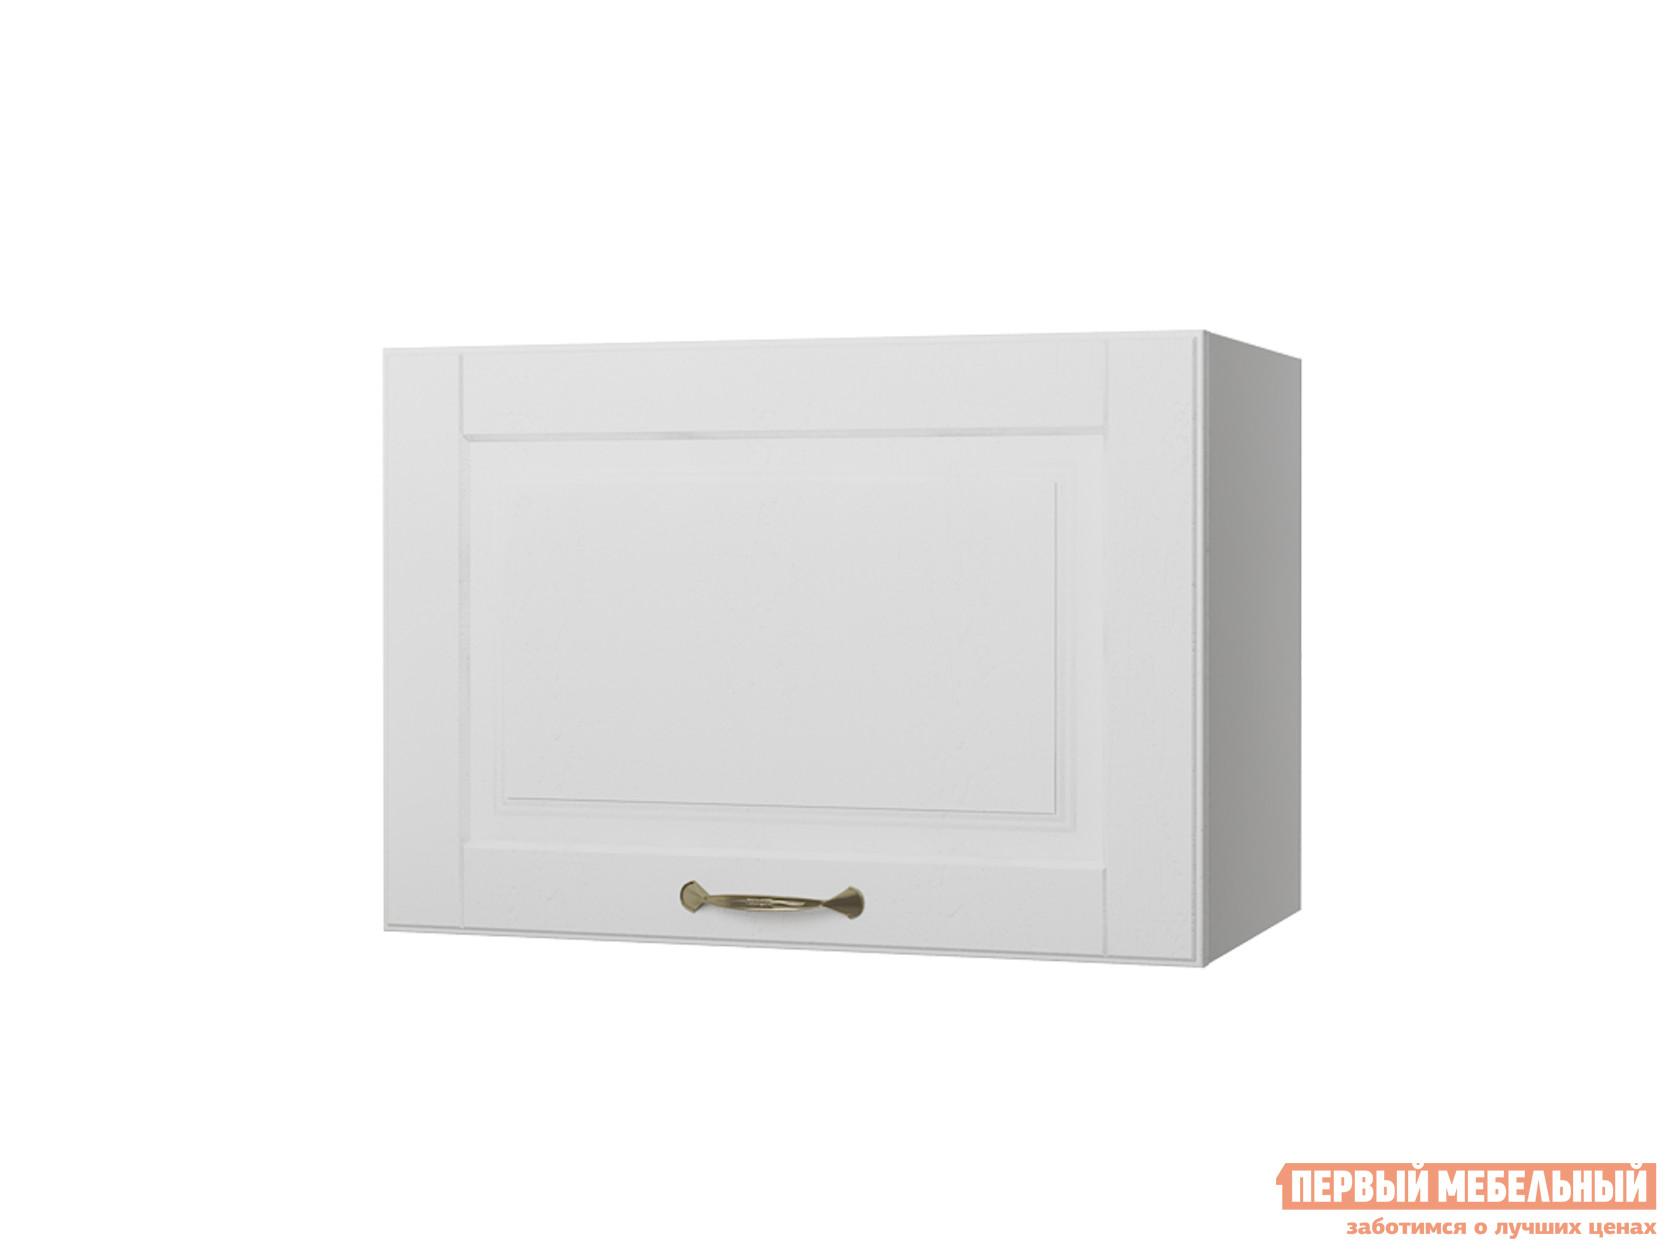 Кухонный модуль  Шкаф антресольный 1 дверь 50 см Палермо Бианко